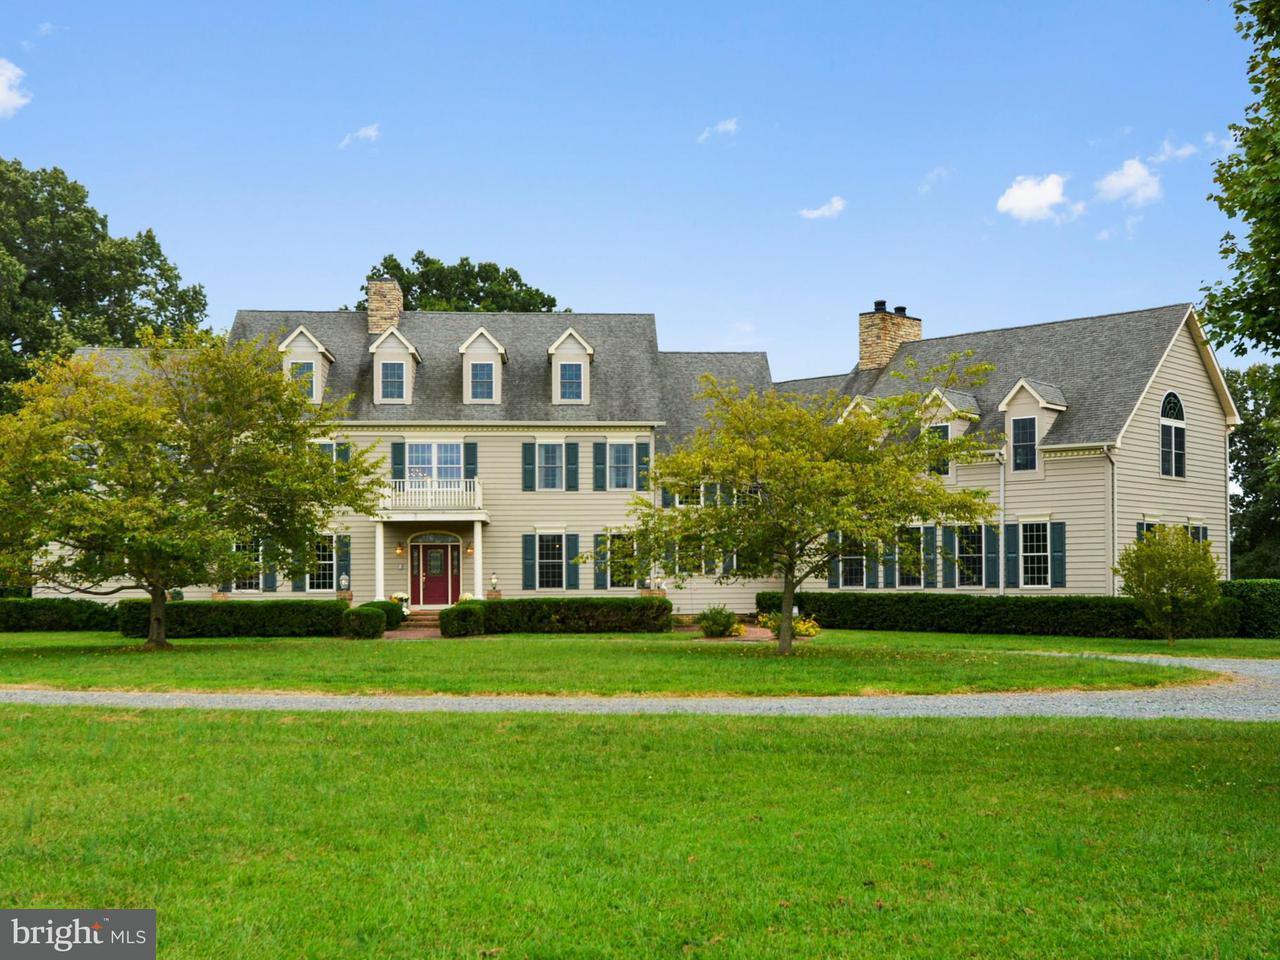 Maison unifamiliale pour l Vente à 10369 Todds Corner Road 10369 Todds Corner Road Easton, Maryland 21601 États-Unis